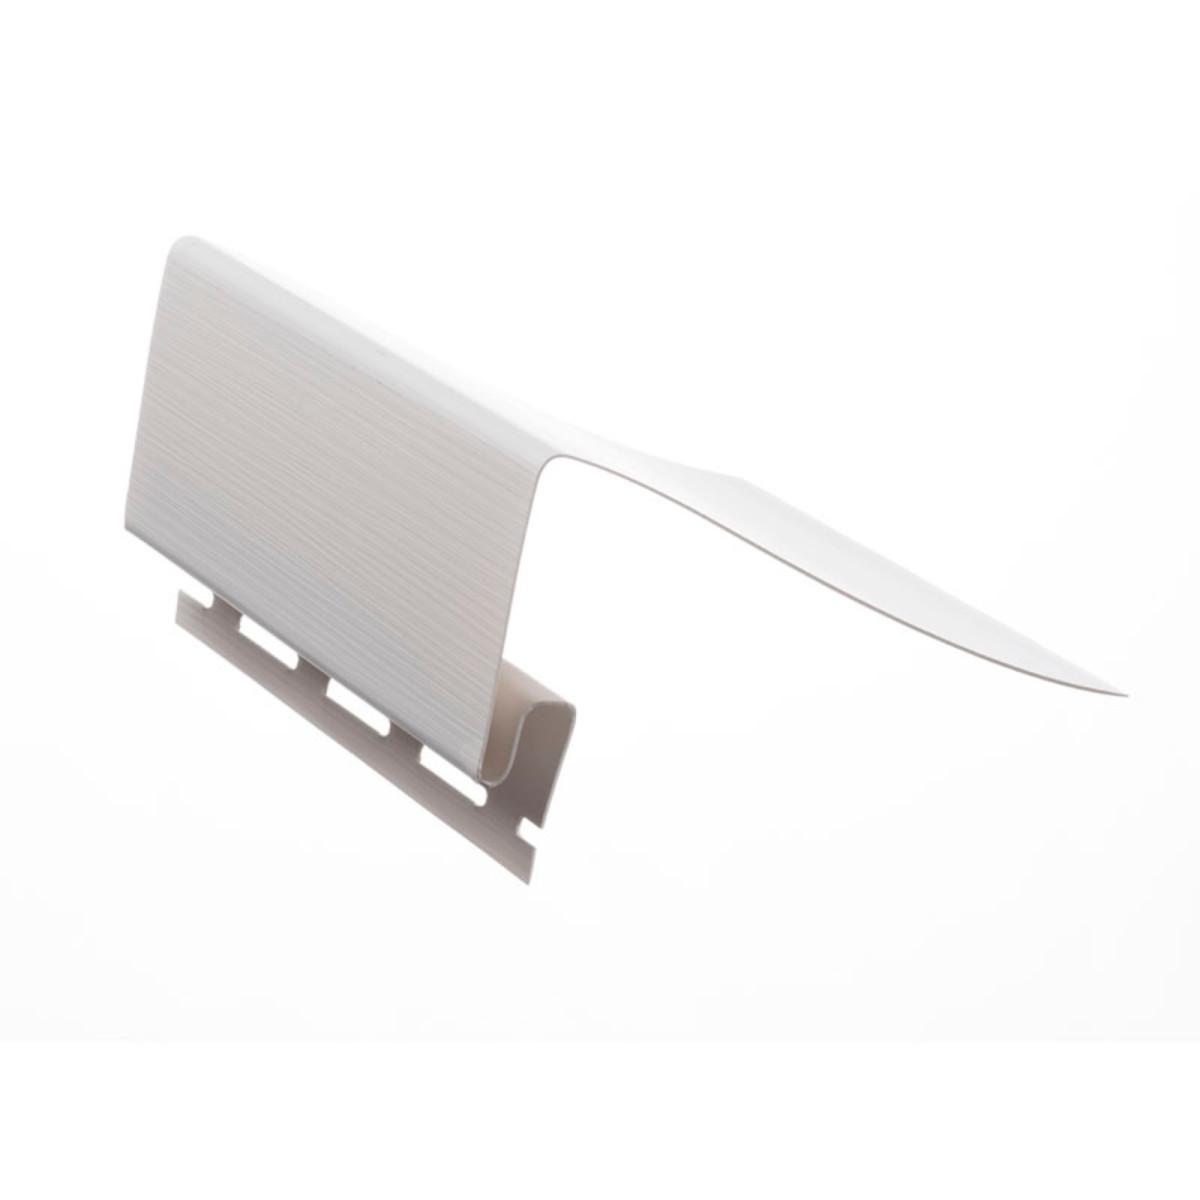 Планка околооконная Country Standart 3050 мм цвет белый